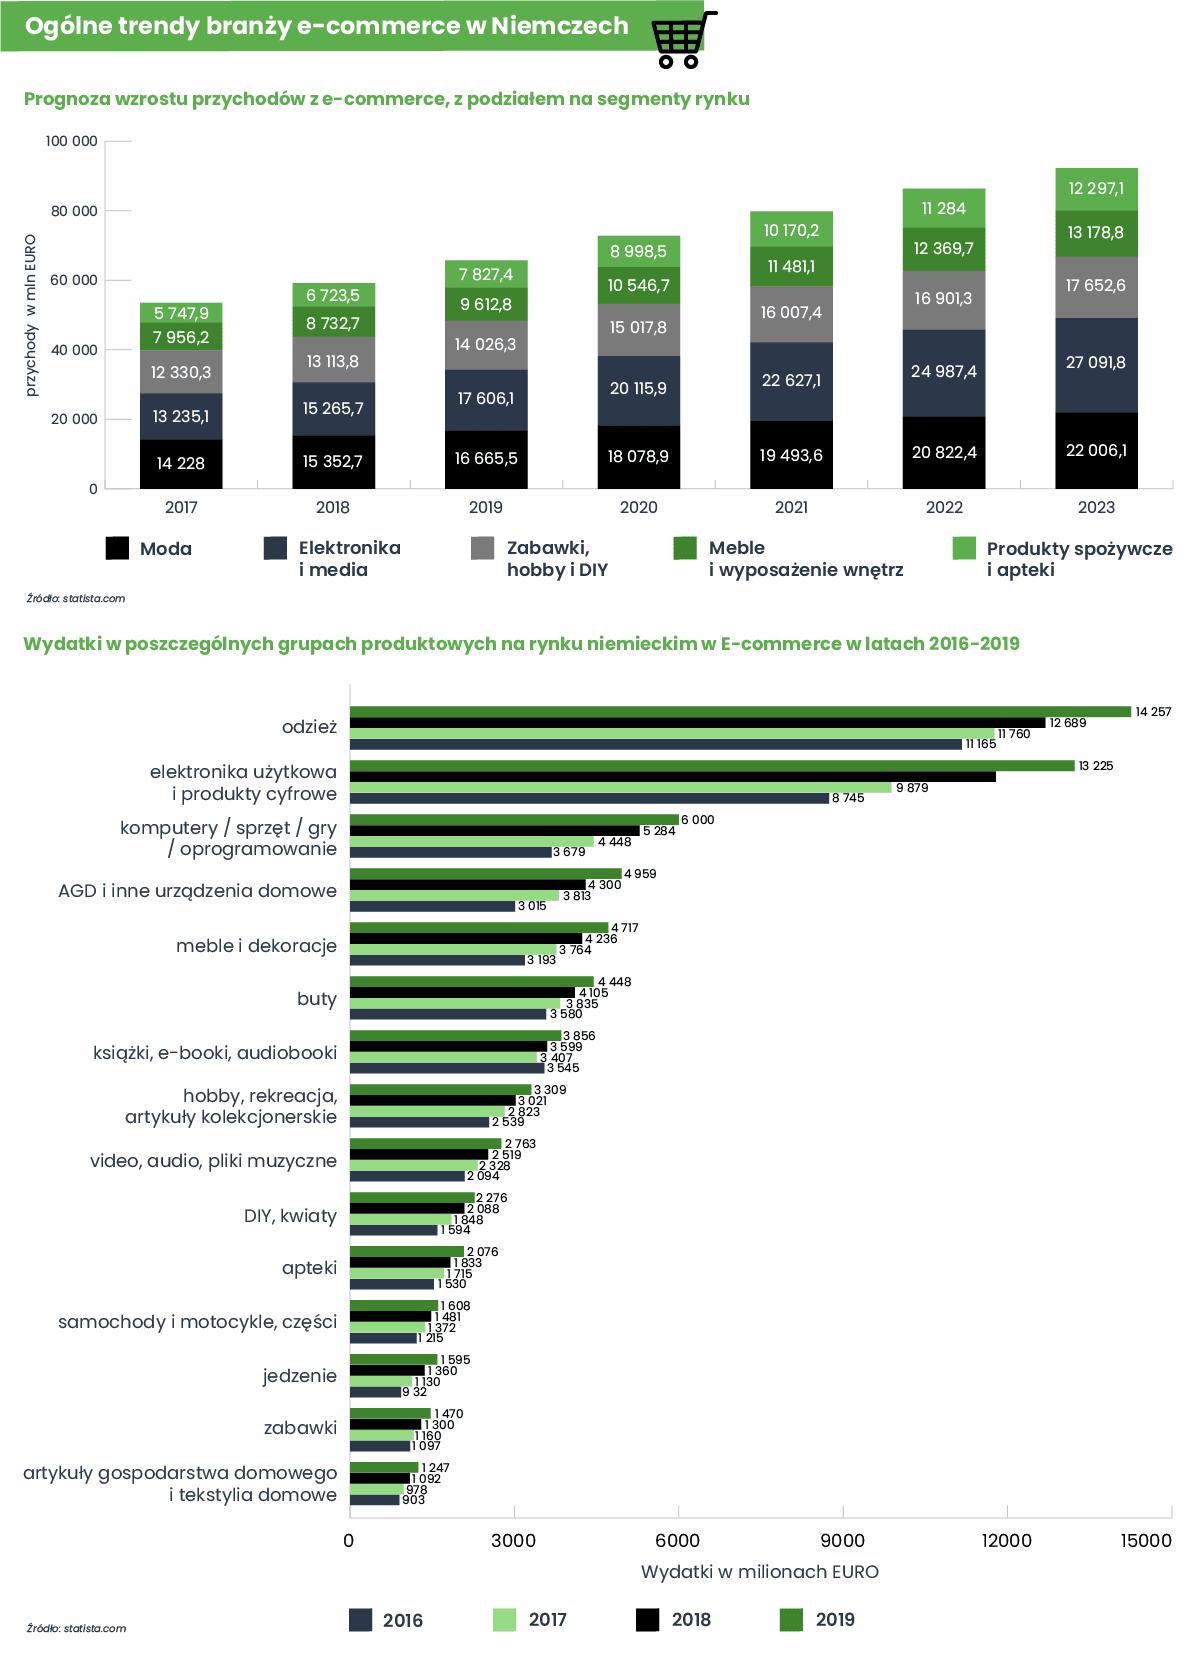 Ogólne trendy branży e-commerce w Niemczech